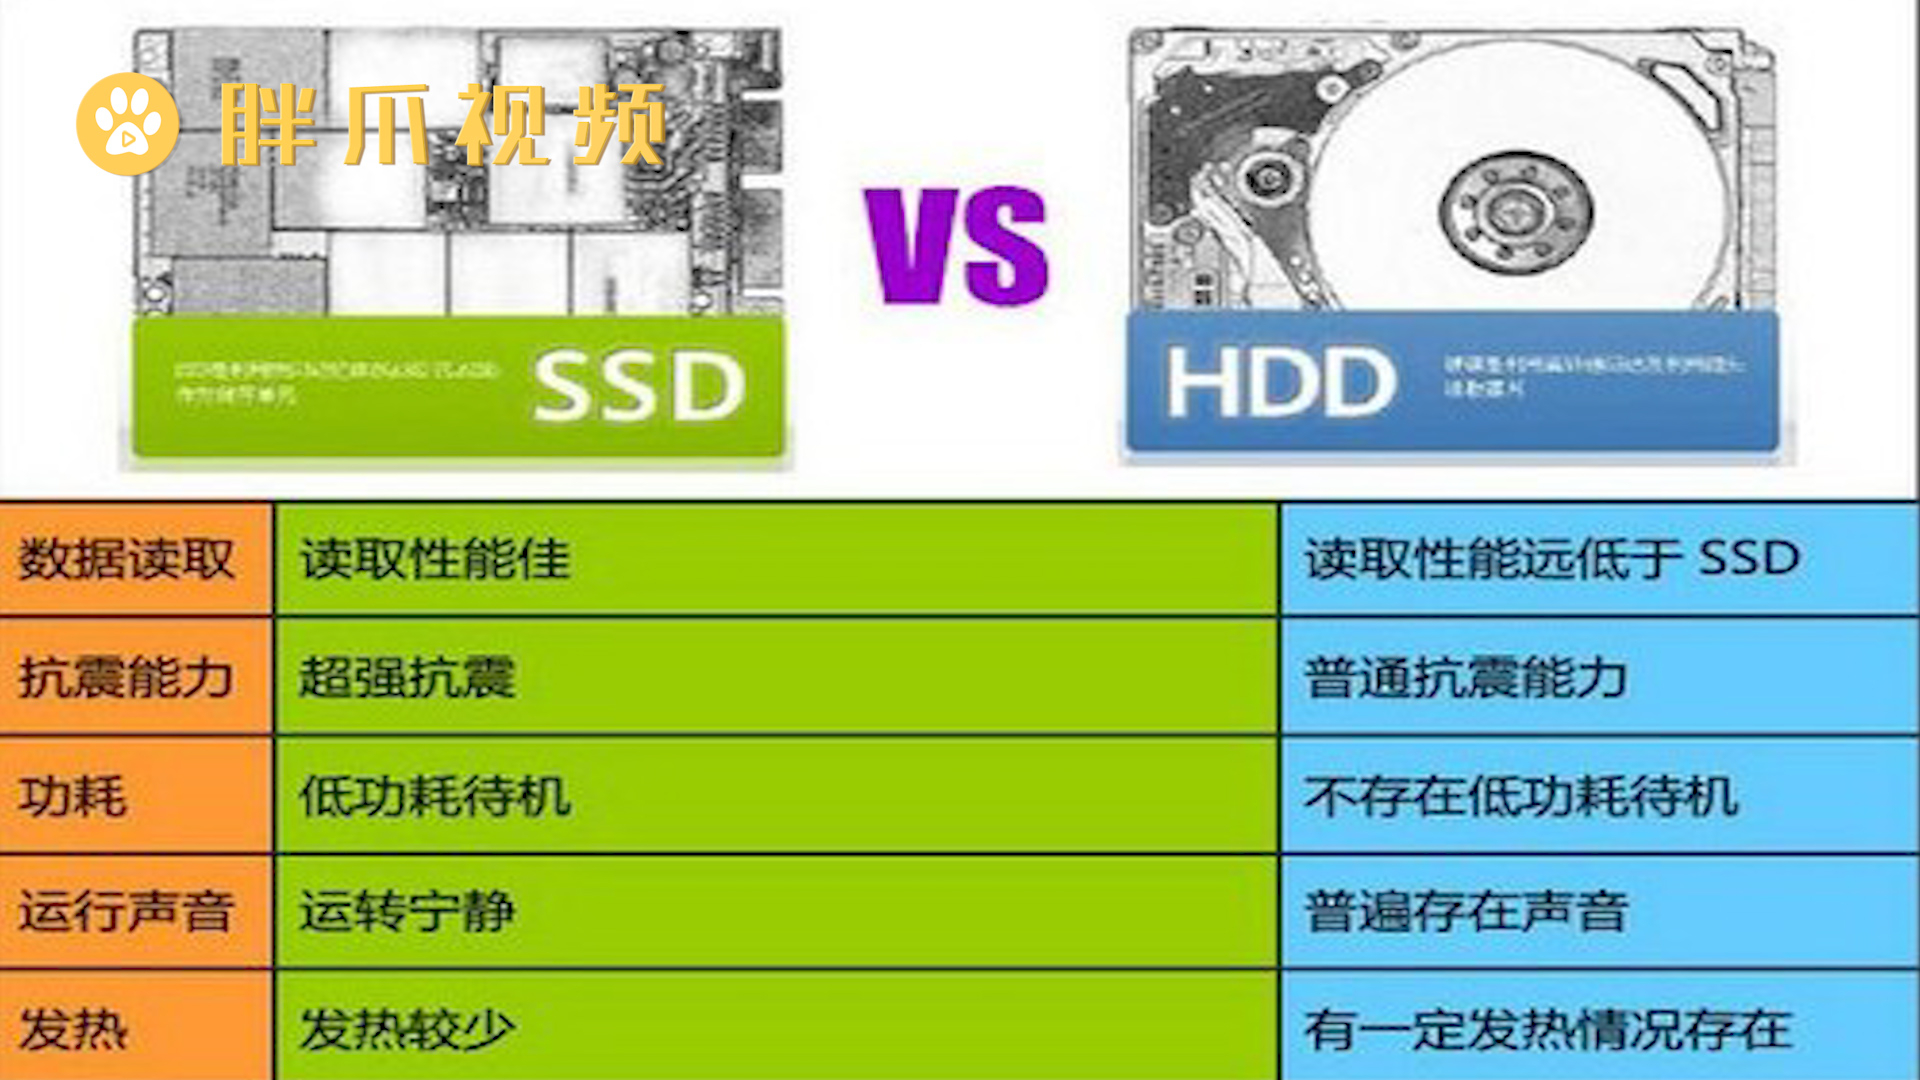 固态硬盘和机械硬盘区别(1)